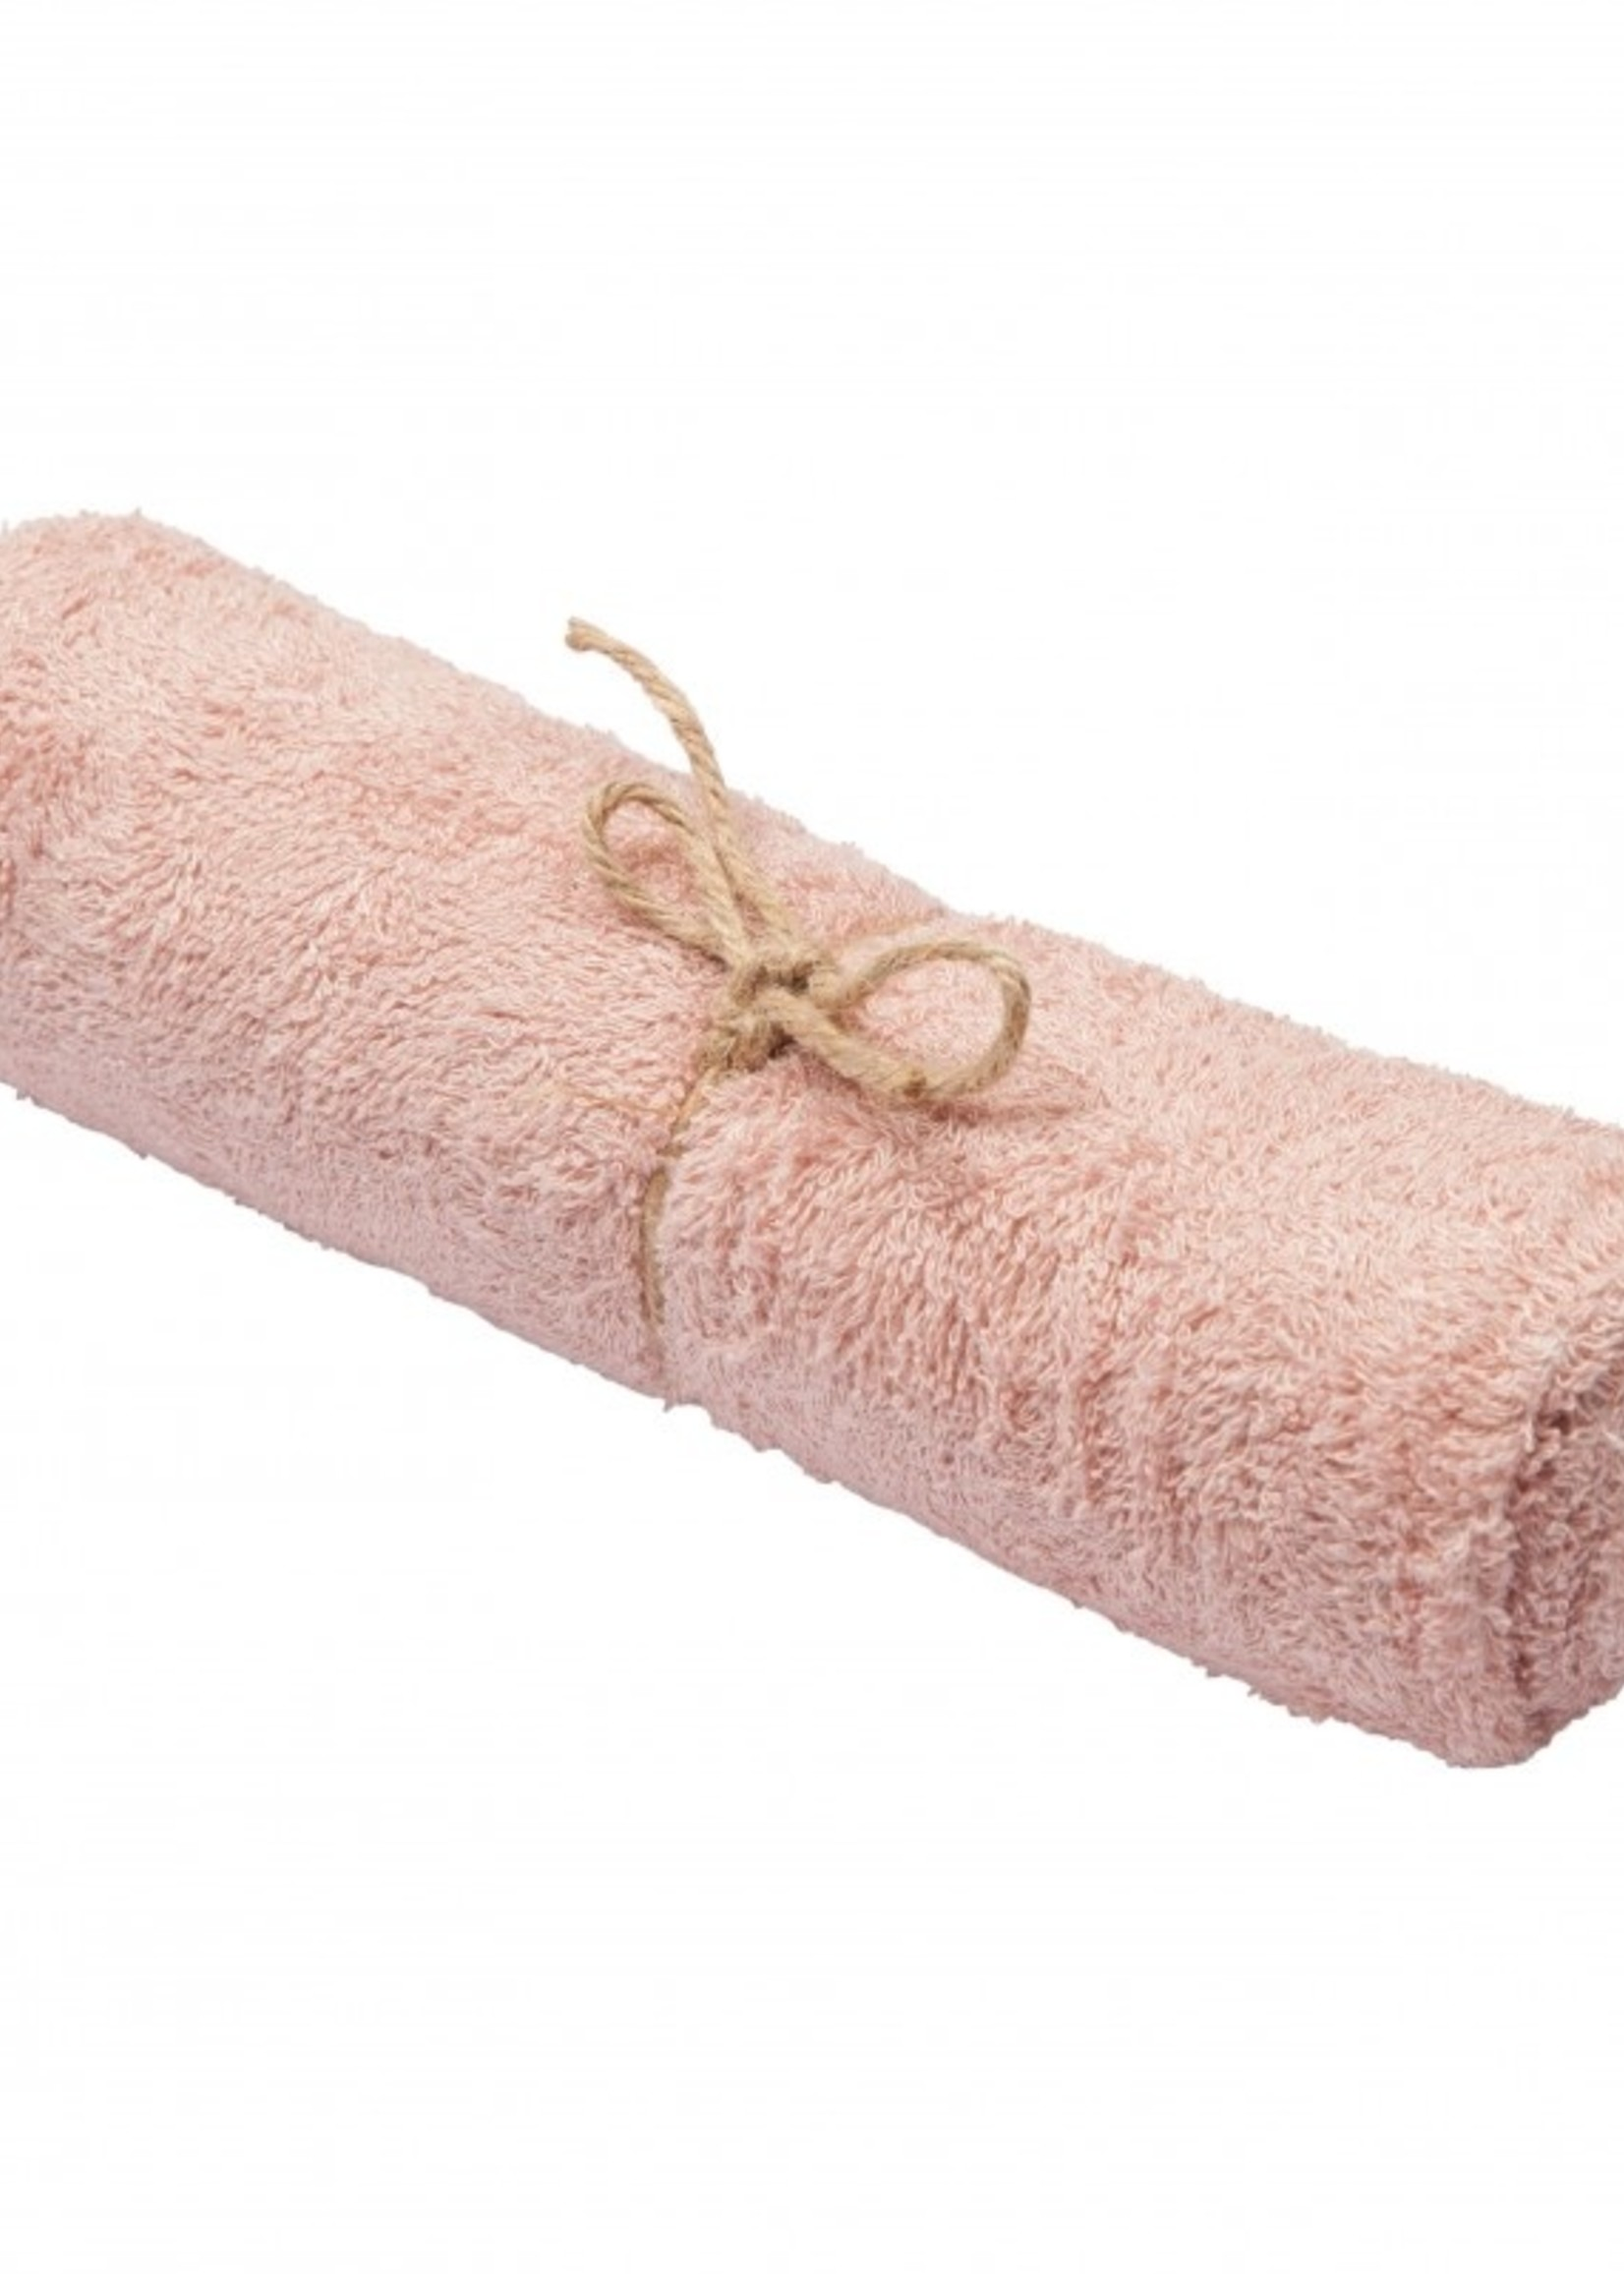 Timboo Towel Medium